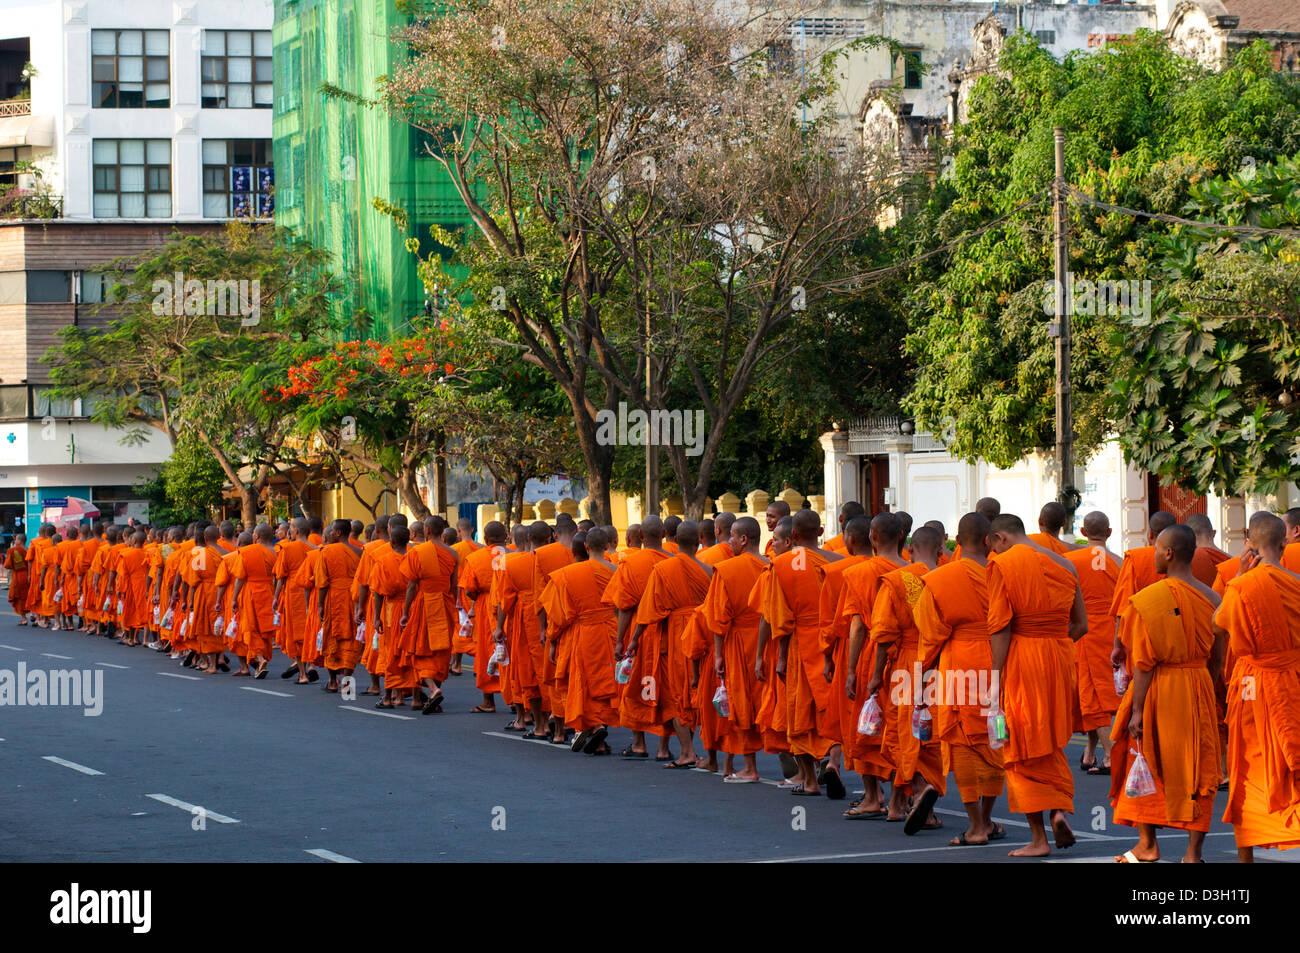 Los monjes budistas camboyanos lloran la pérdida del Rey Norodom Sihanouk en Phnom Penh, Camboya. Crédito: © Kraig Foto de stock